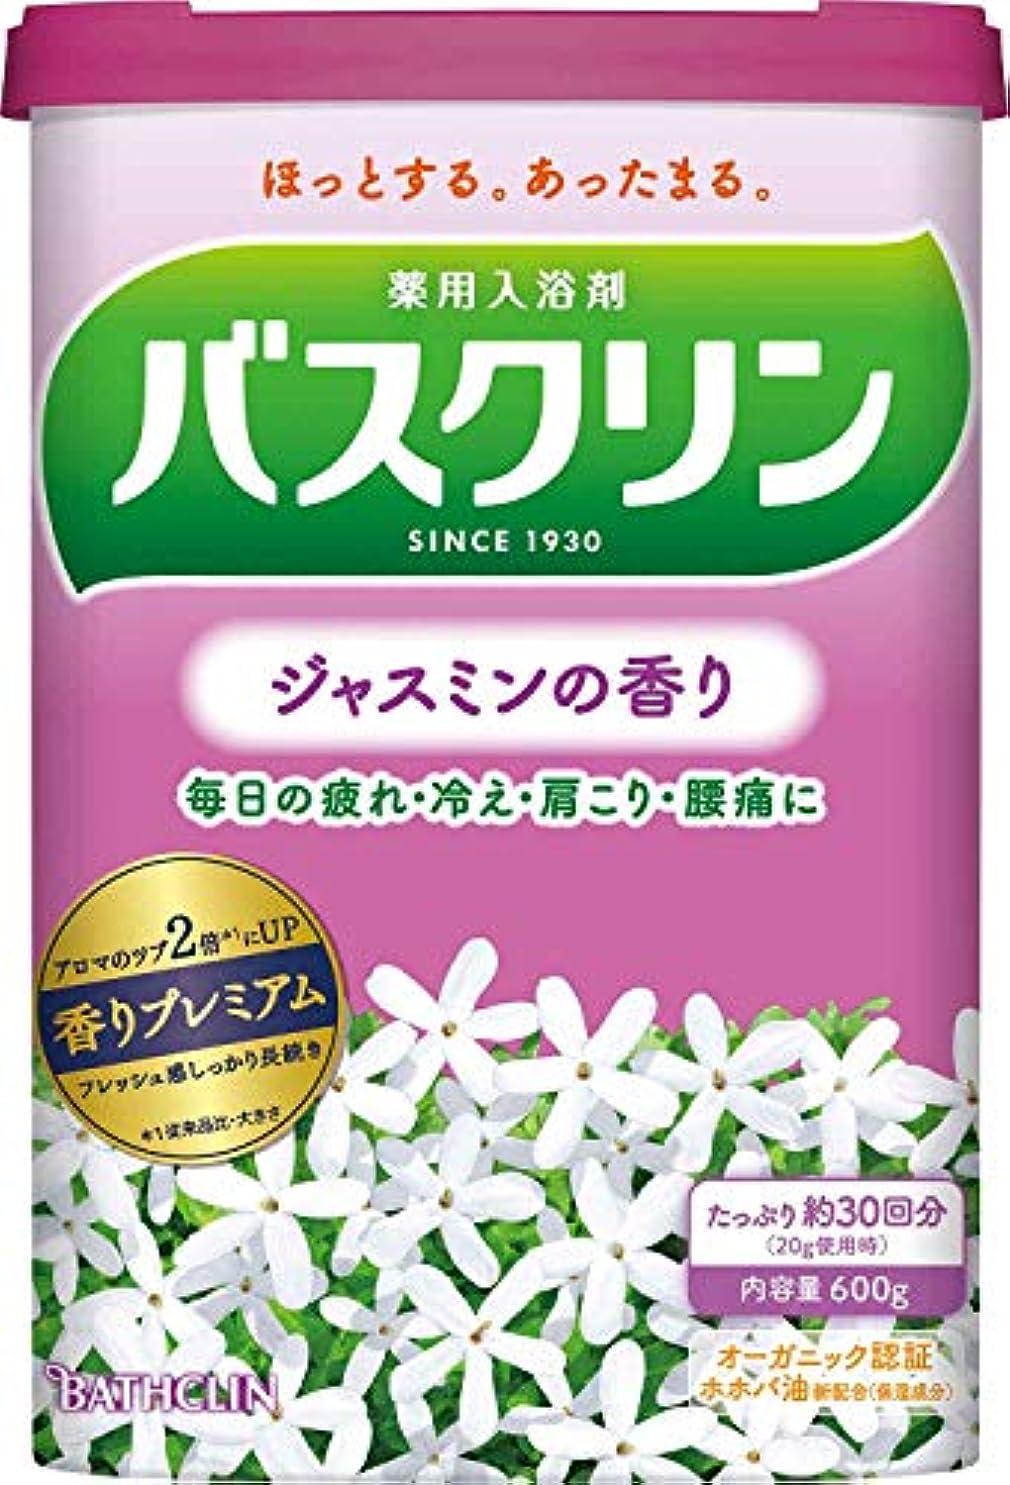 吹きさらし変数弾性【医薬部外品】バスクリン入浴剤 ジャスミンの香り600g(約30回分) 疲労回復